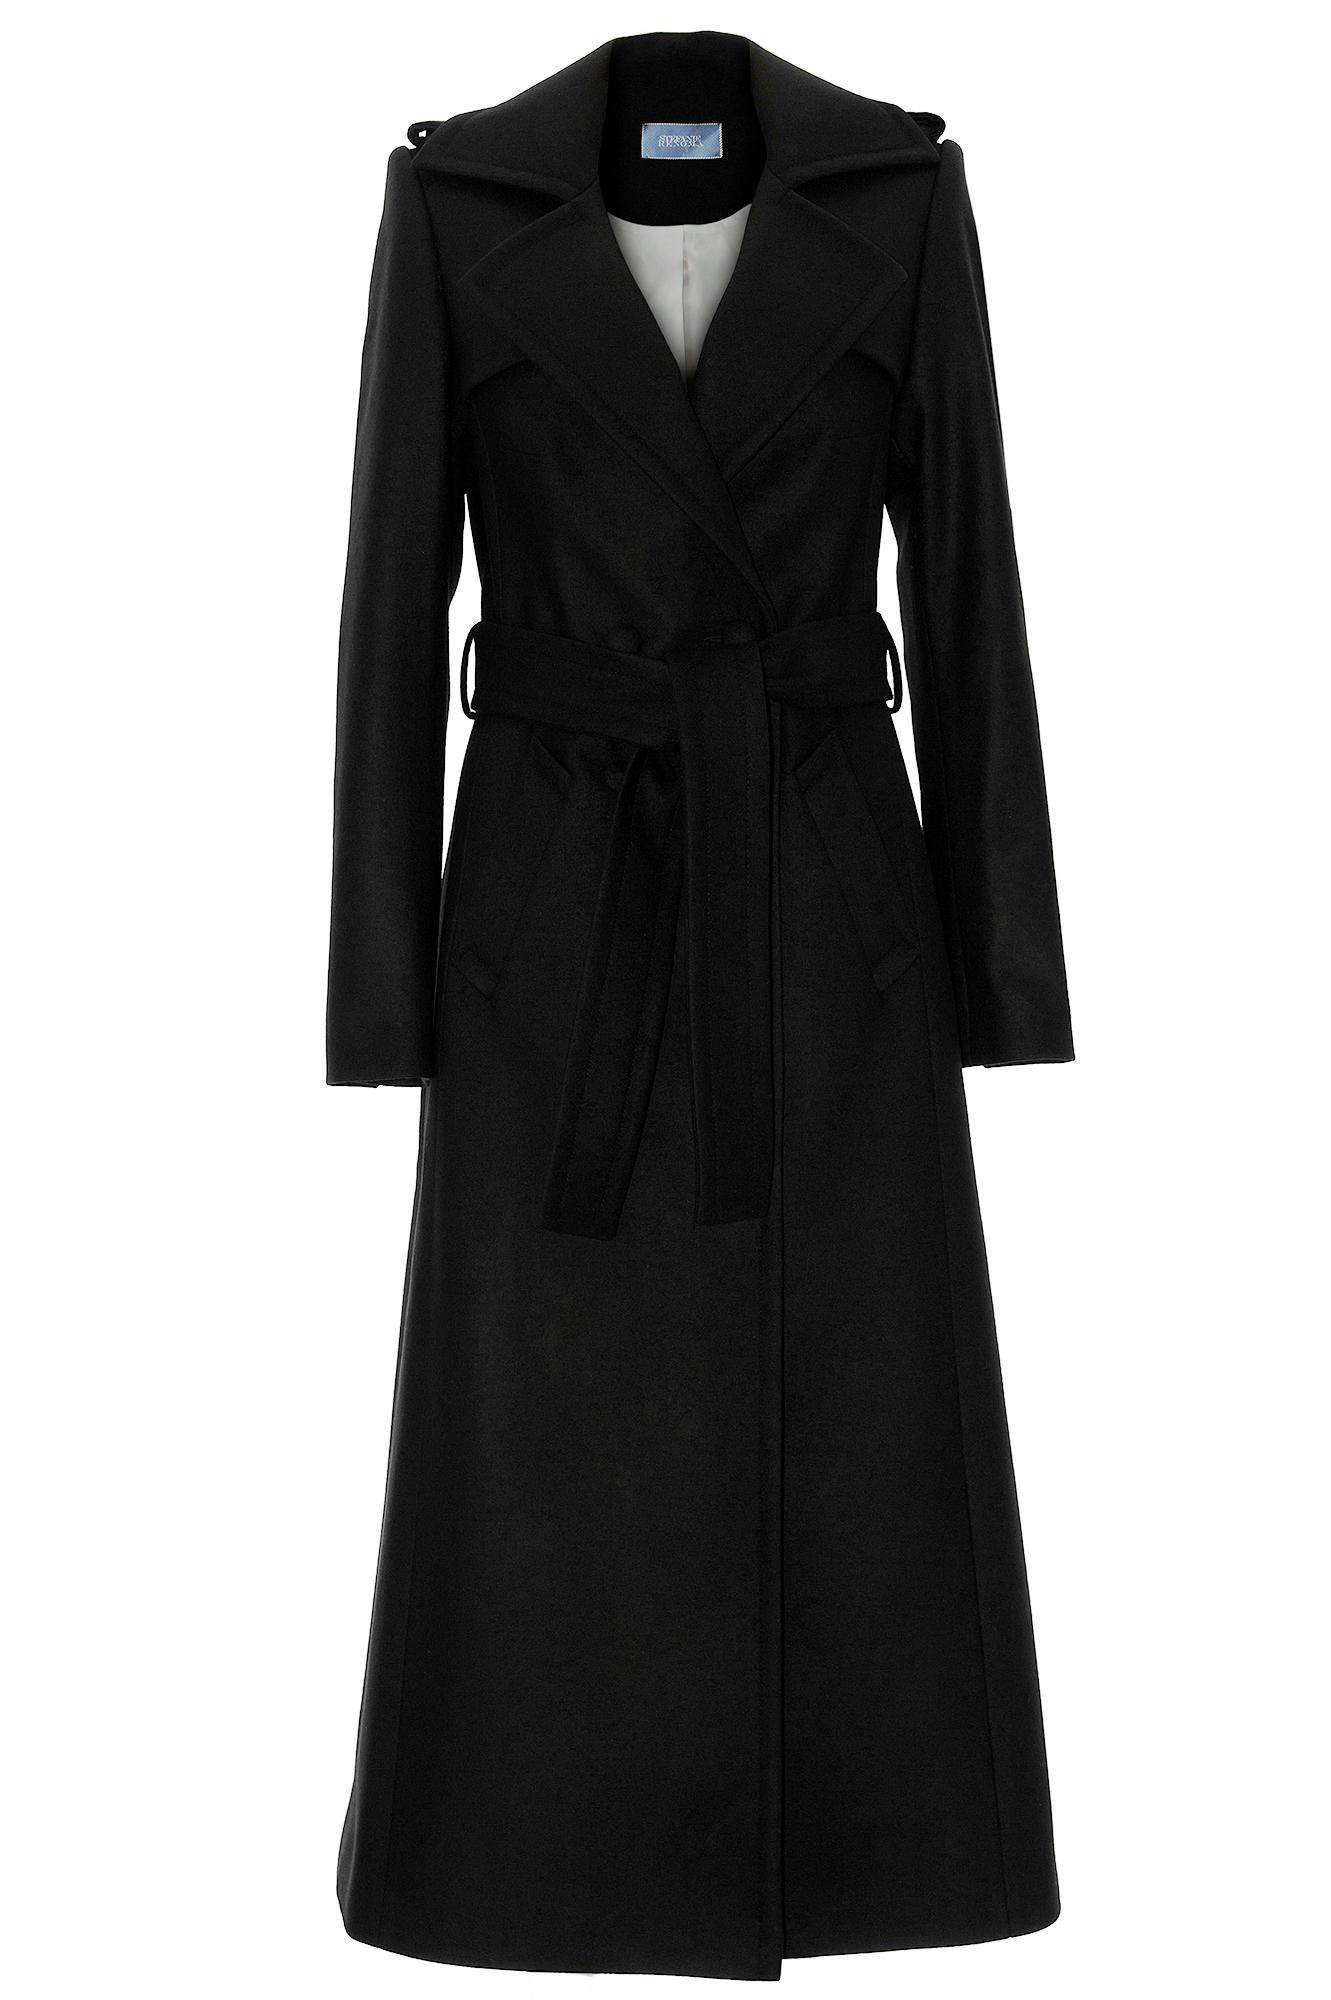 Manteau femme long laine cachemire